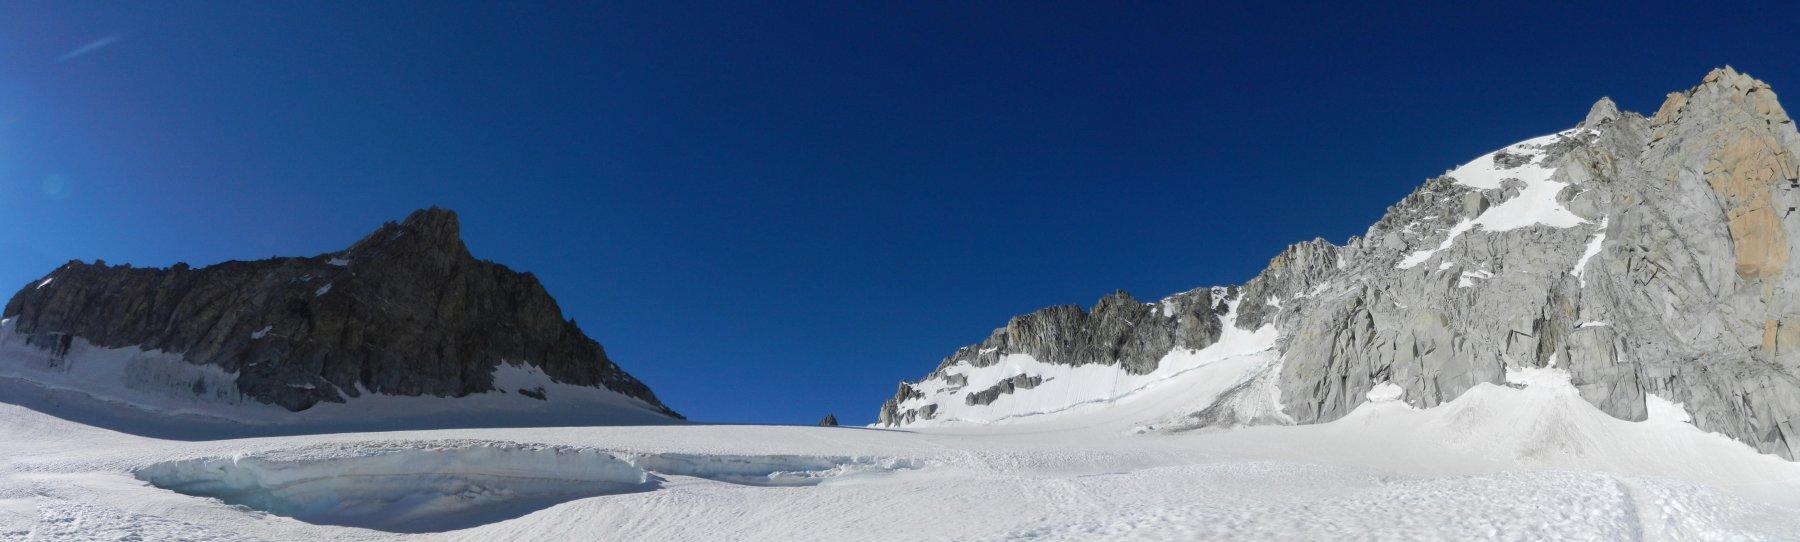 Salendo al Col d'Entreves: Aiguille d'Entreves a sx, Tour Ronde a dx